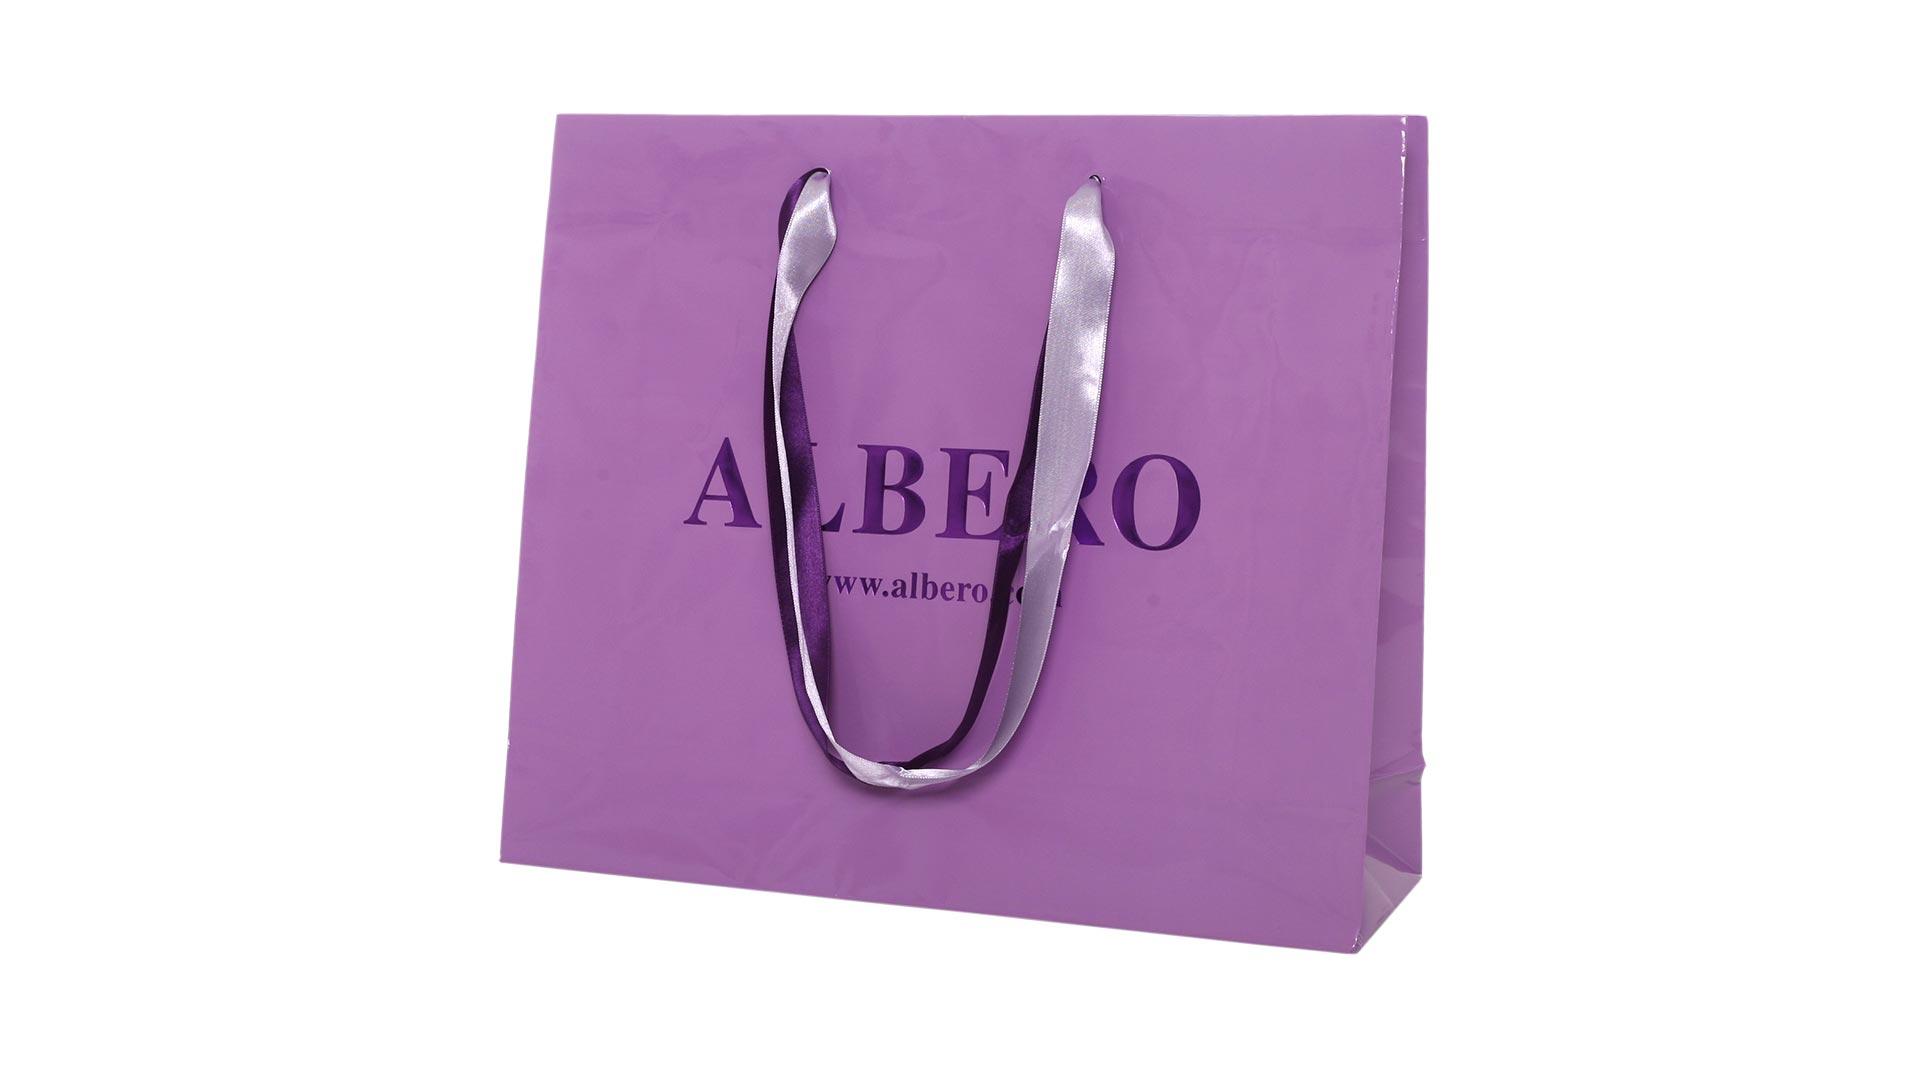 borsetta in carta viola con logo